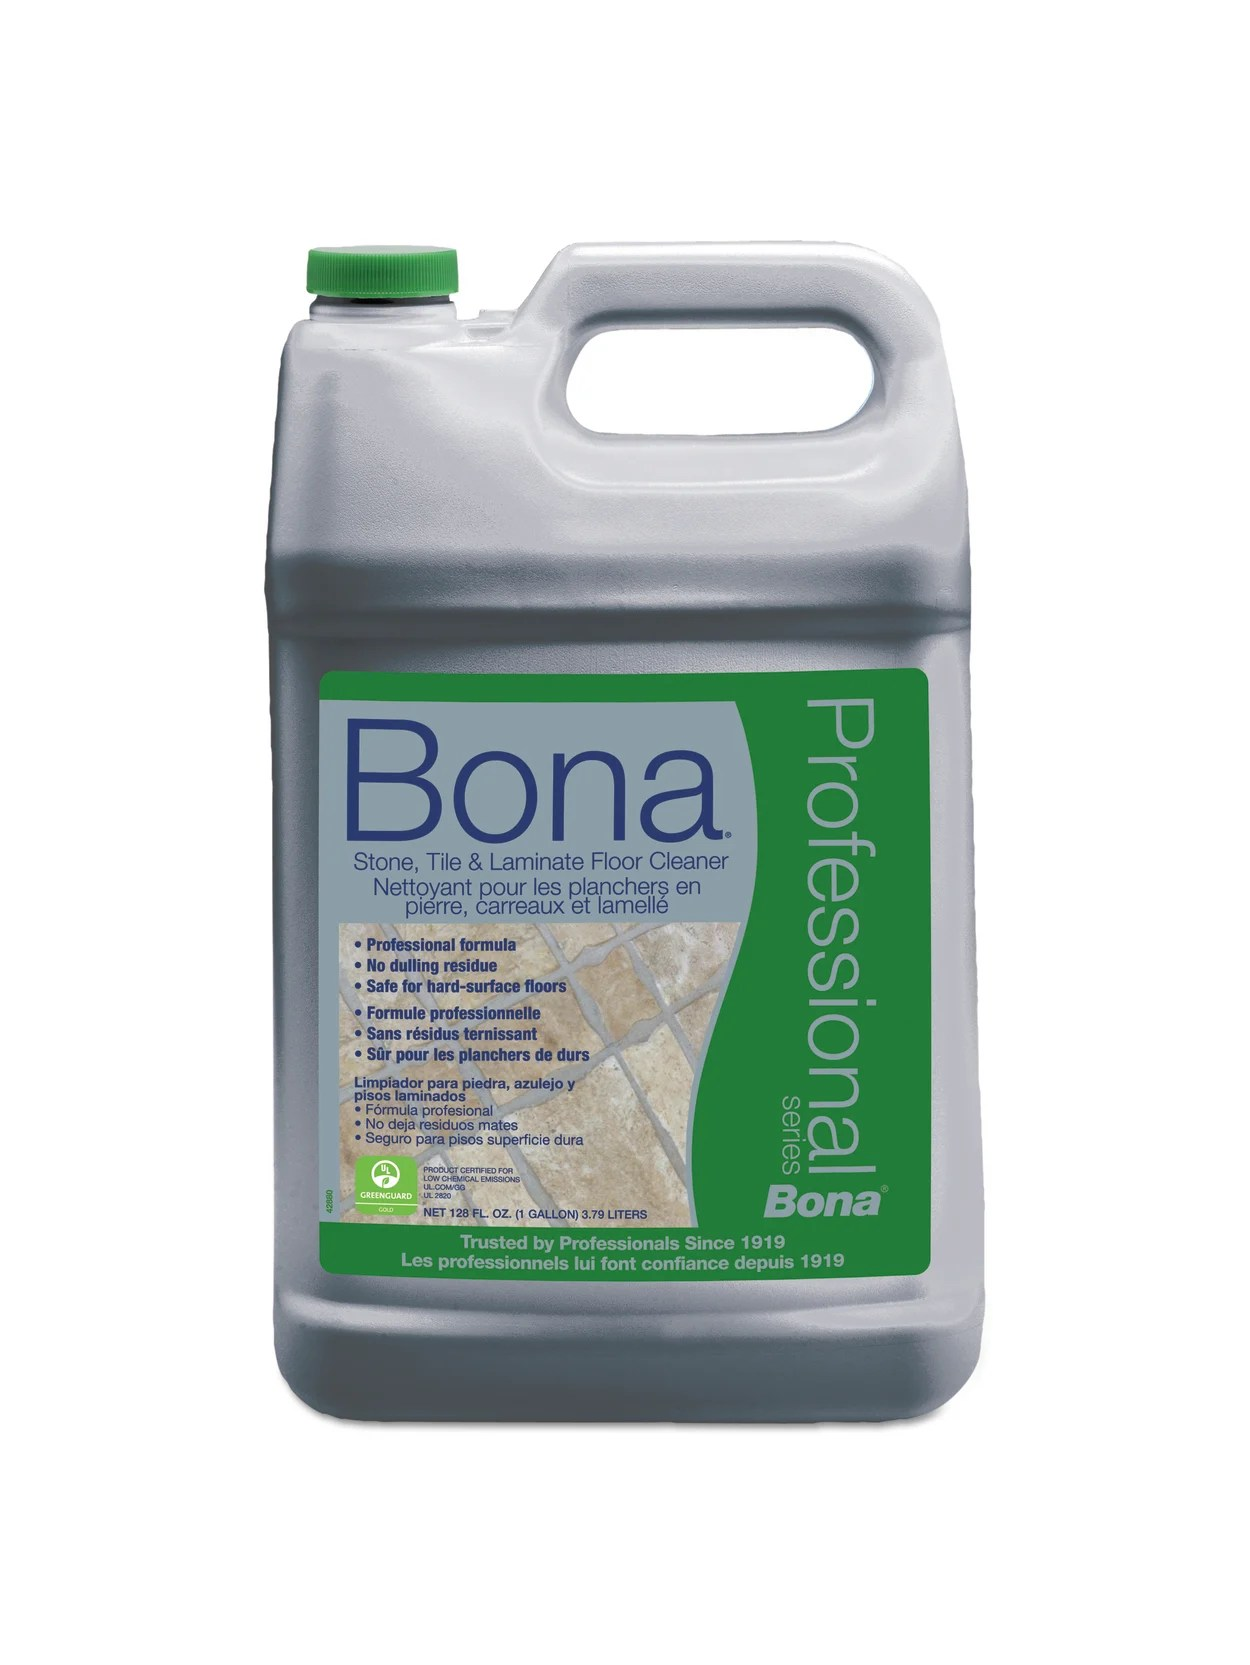 bona stone tile and laminate floor cleaner fresh scent 128 oz refill bottle item 789107